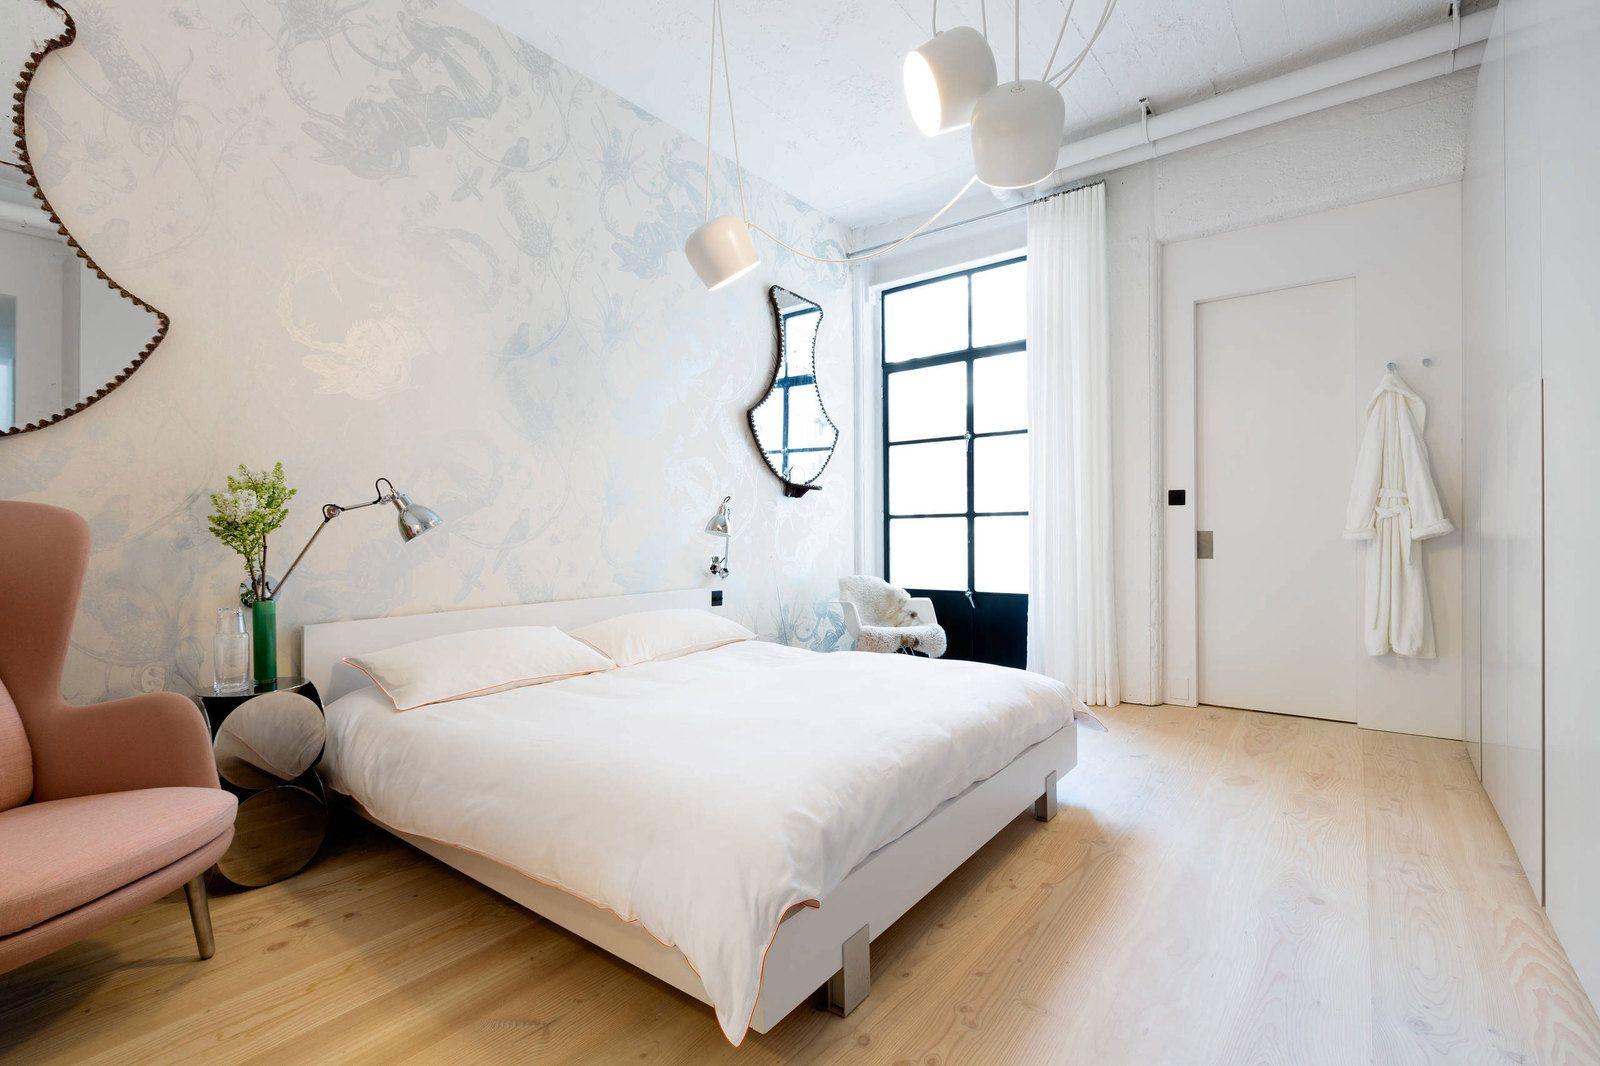 Loft bedroom style   modi di illuminare la camera da letto  BESPRE Lighting